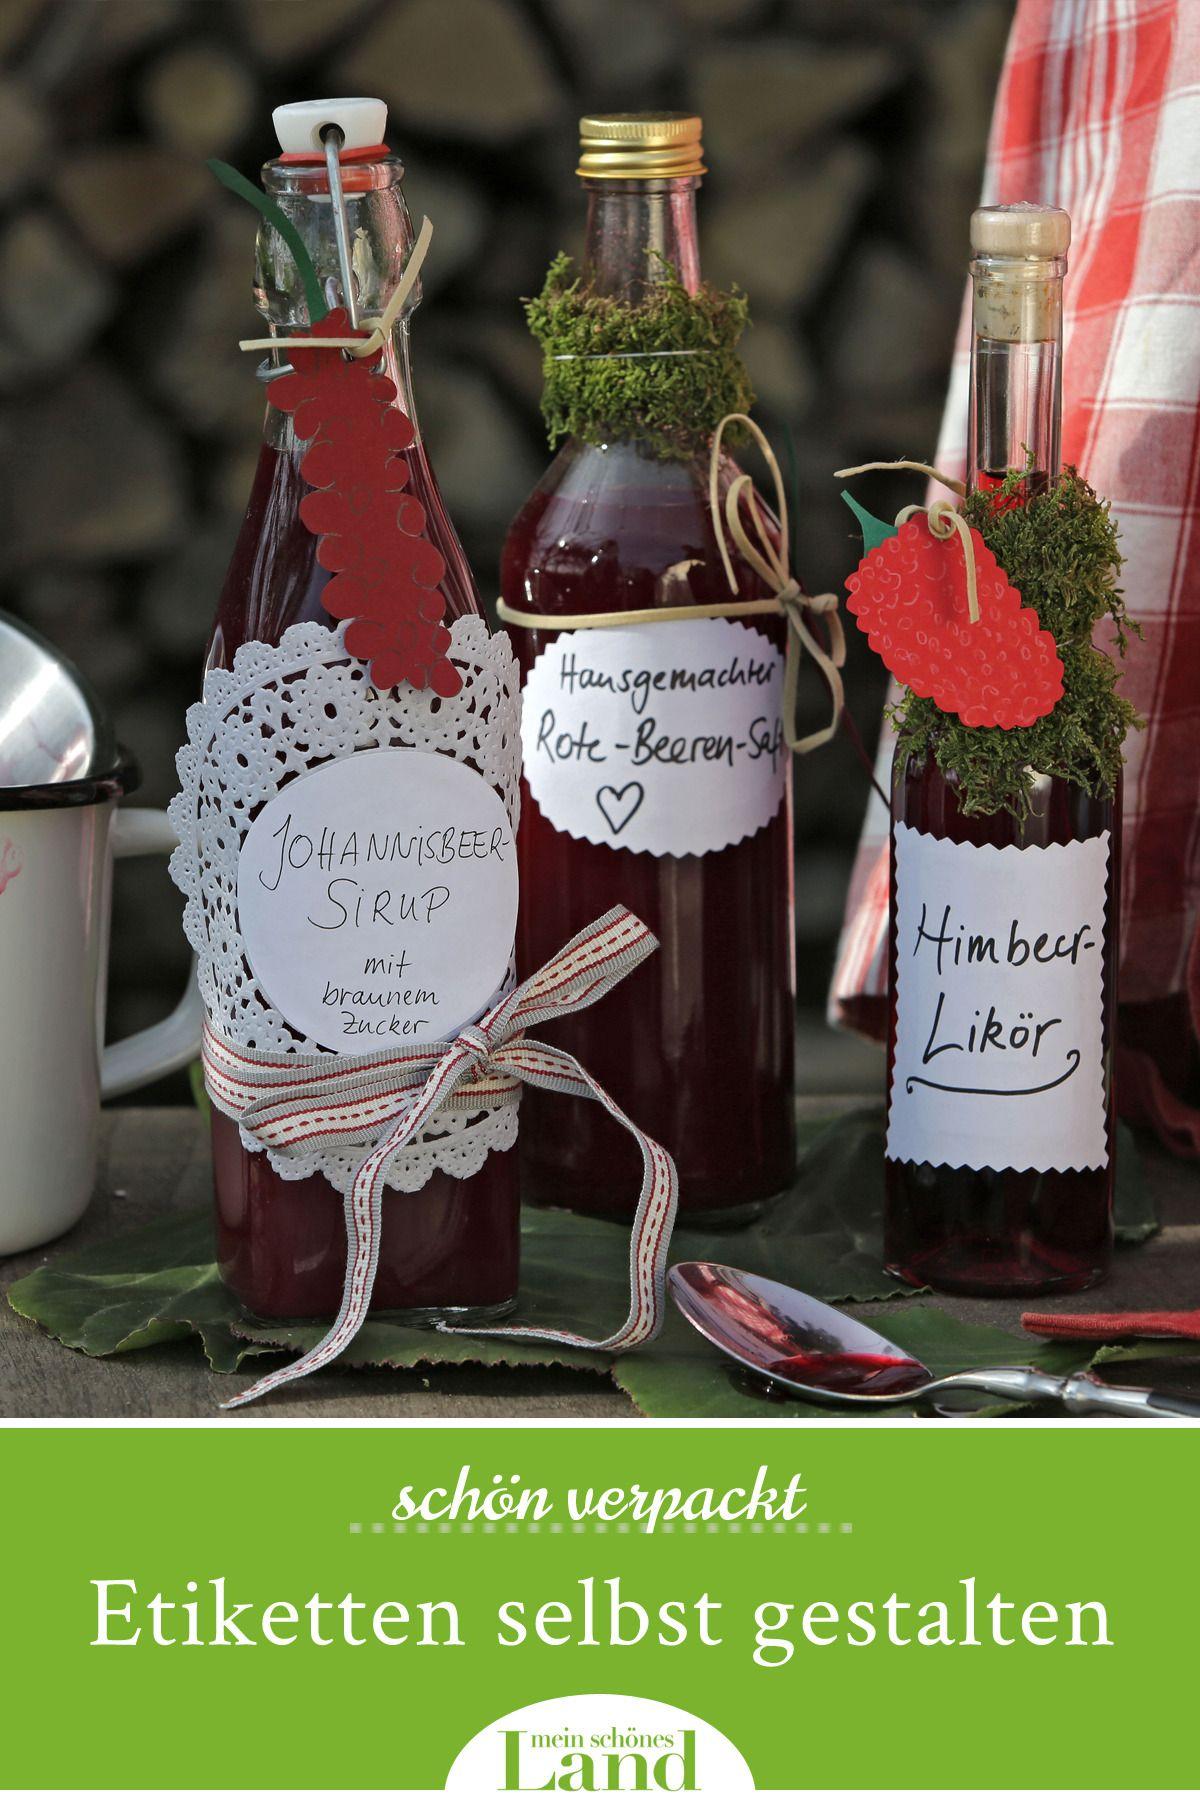 Flaschen Etiketten Selbst Gestalten Etiketten Gestalten Flaschenetiketten Selbst Gestalten Etiketten Selber Machen